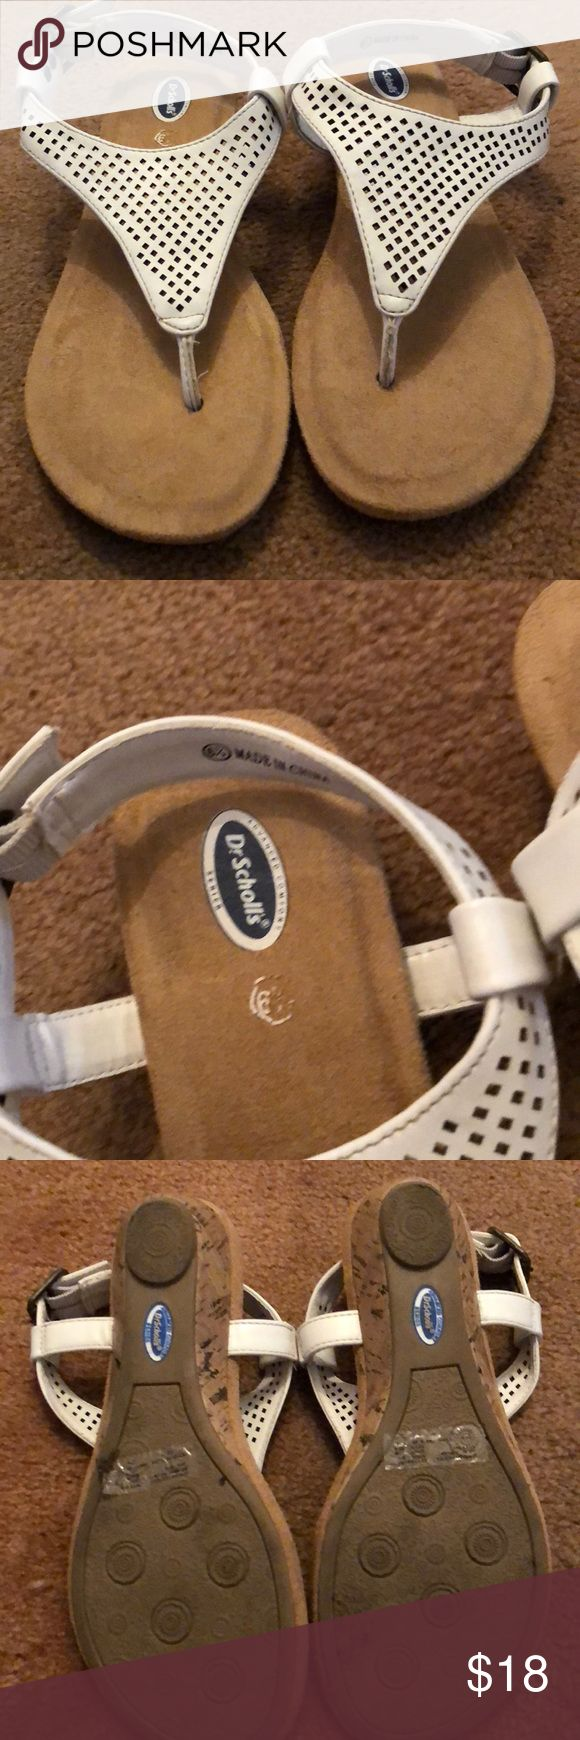 Dr. Scholls sandals Worn once! Dr. Scholl's Shoes Sandals